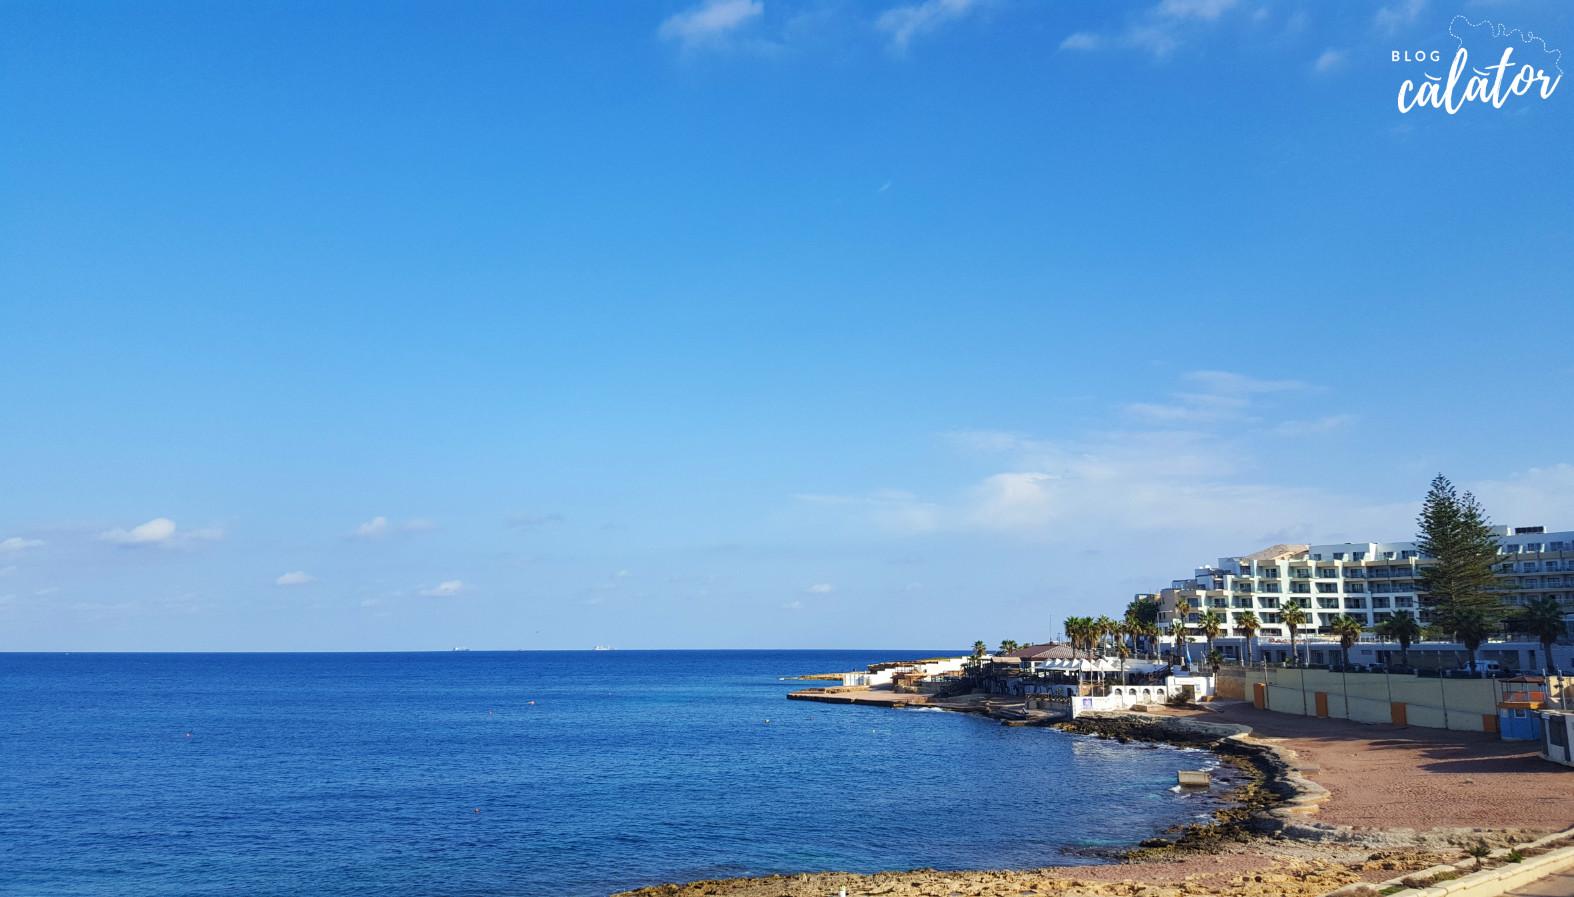 malta destinație de vacanță st paul bay blog calator